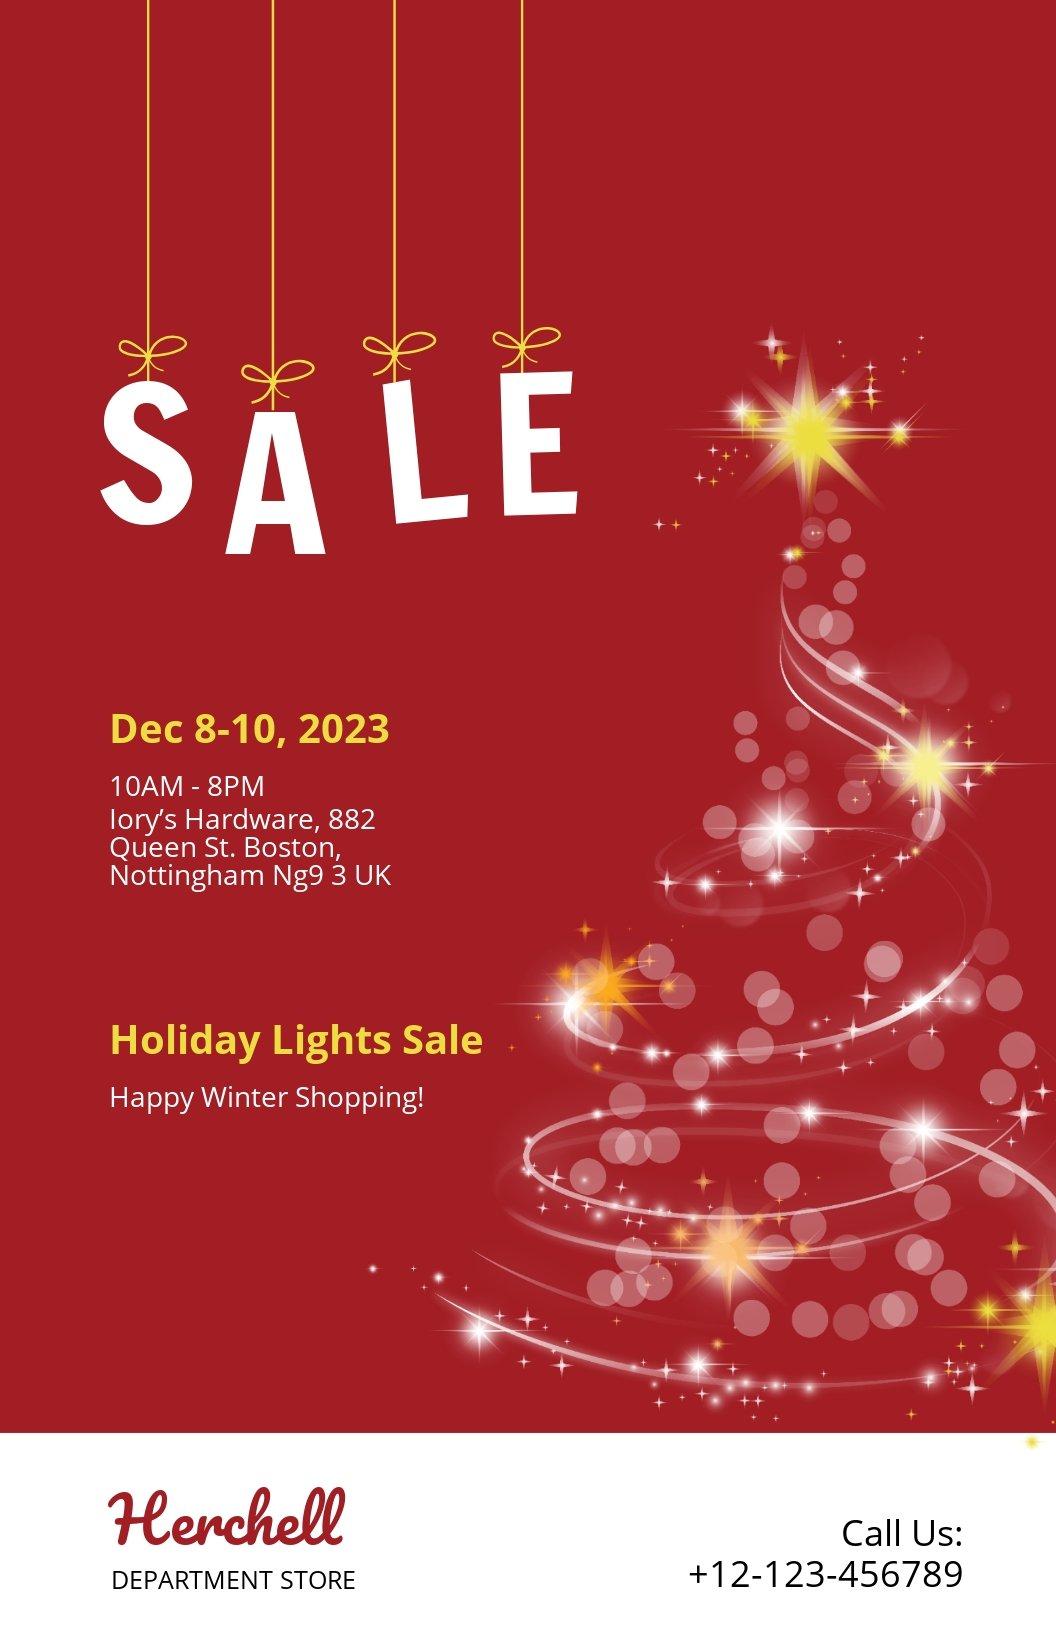 Christmas Lights Sale Poster Template